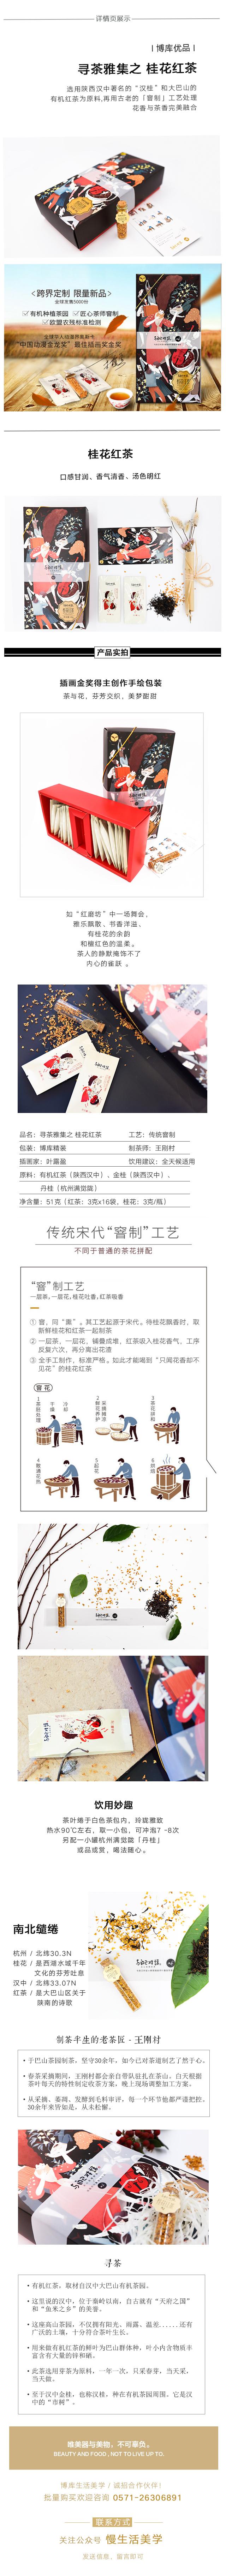 20170519桂花红茶.jpg